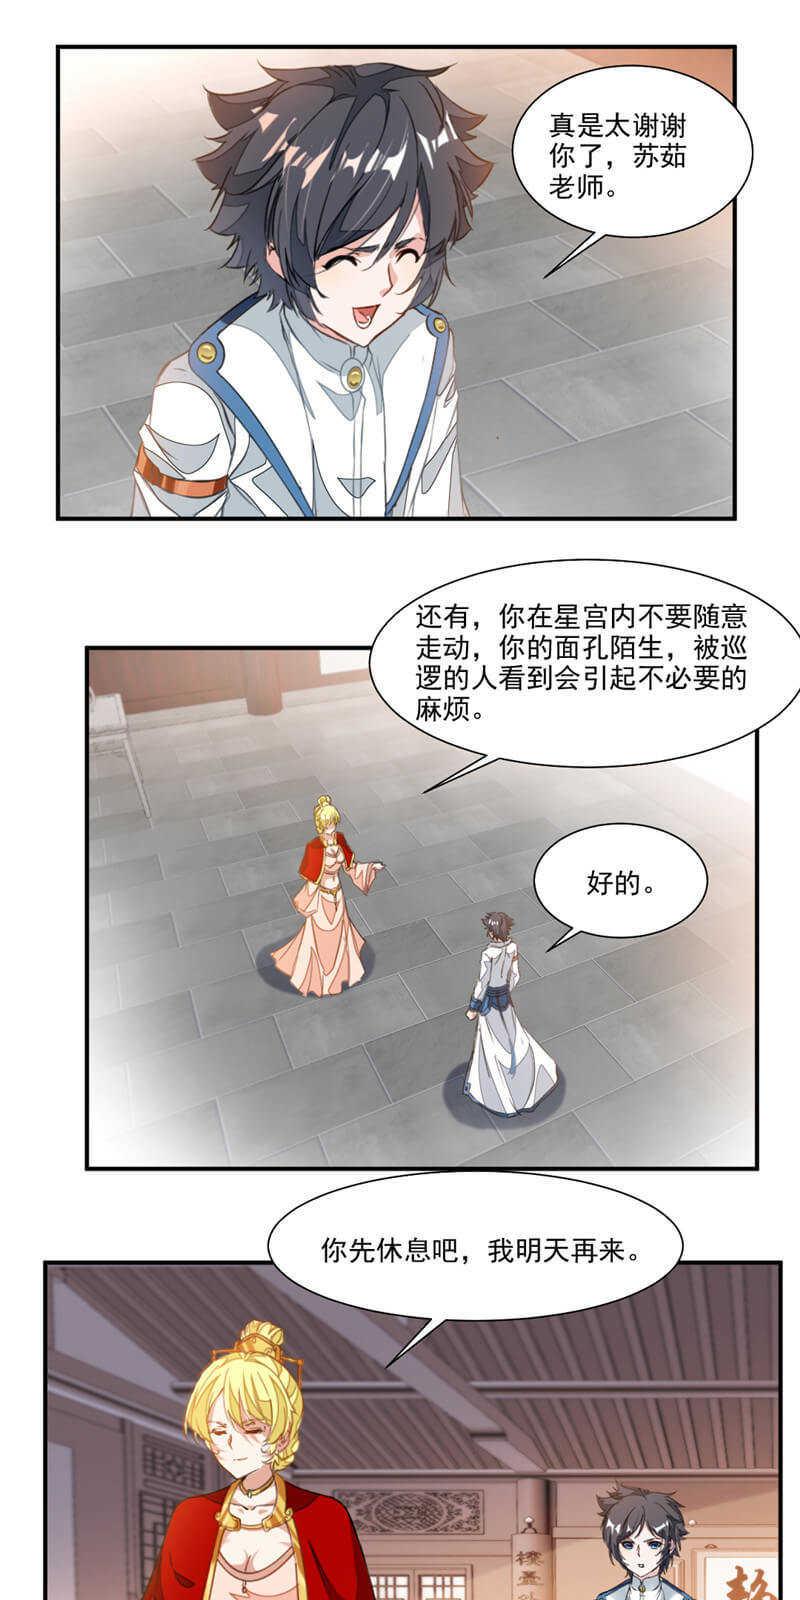 九阳神王第58话  被设计 第 4